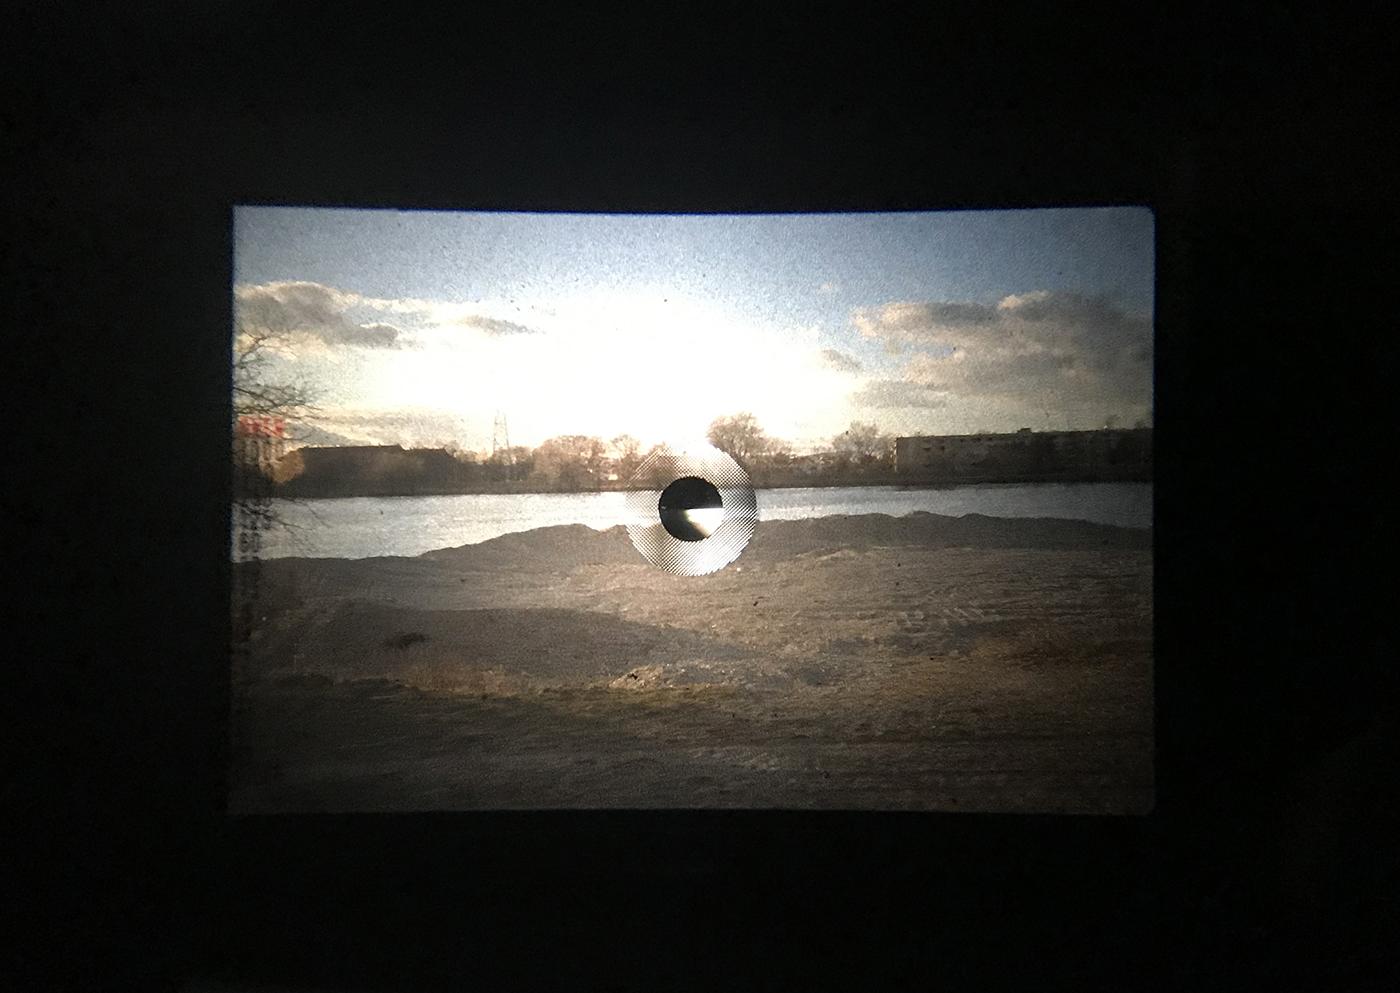 viewfinder pentax me fotimnafilm